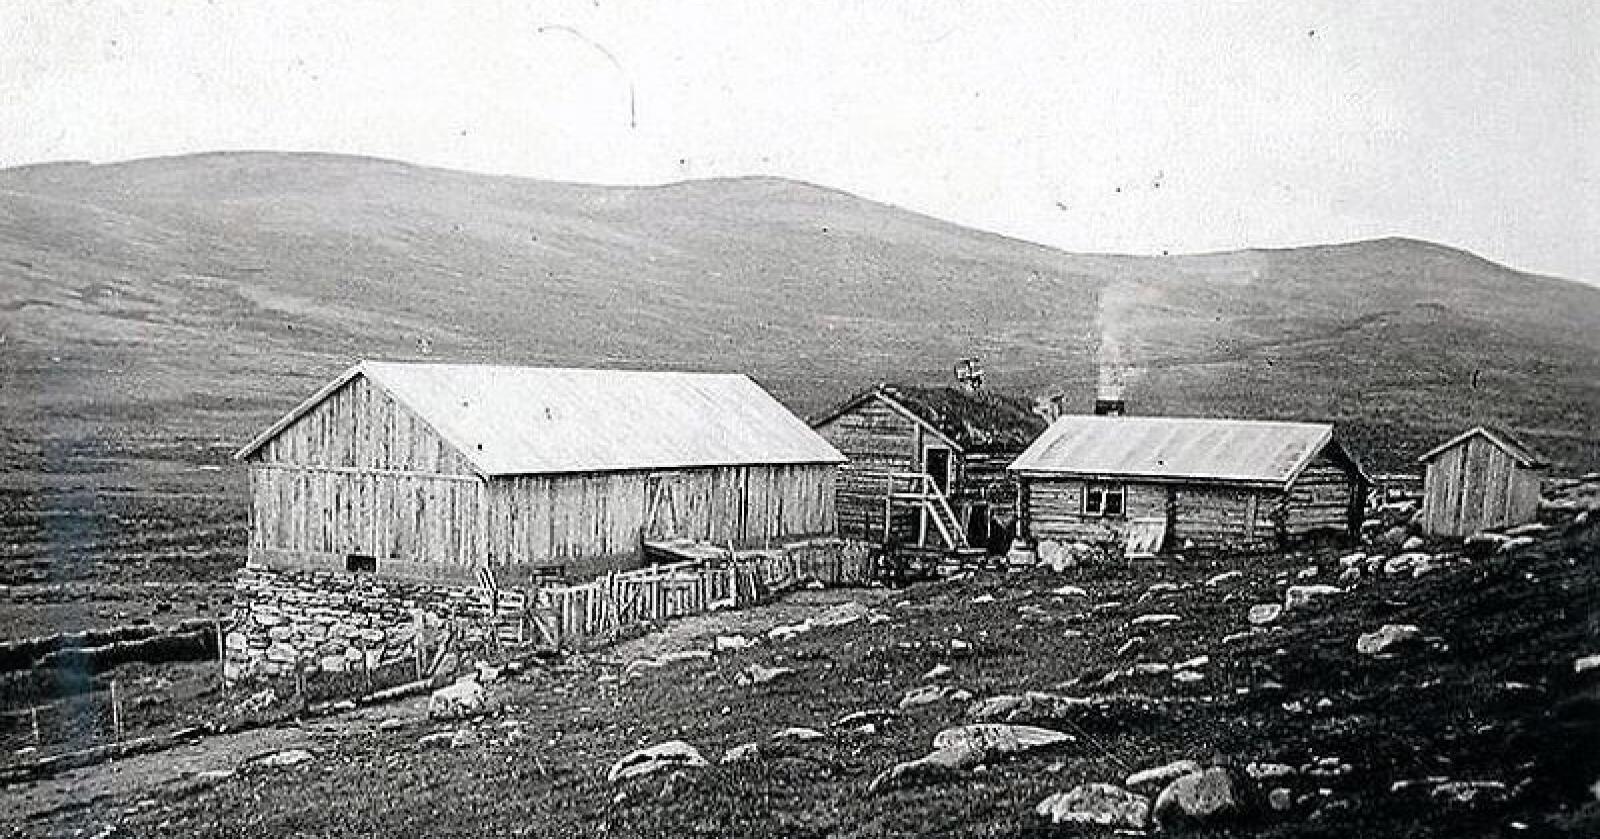 Lange tradisjoner. Setrene i Vesllie på Dovrefjell ble etablert i 1870-årene og er blant av de høyest beliggende setrene i landet. Her bilde fra Rolstadsetre i full drift for nesten 80 år siden. Foto: Privat